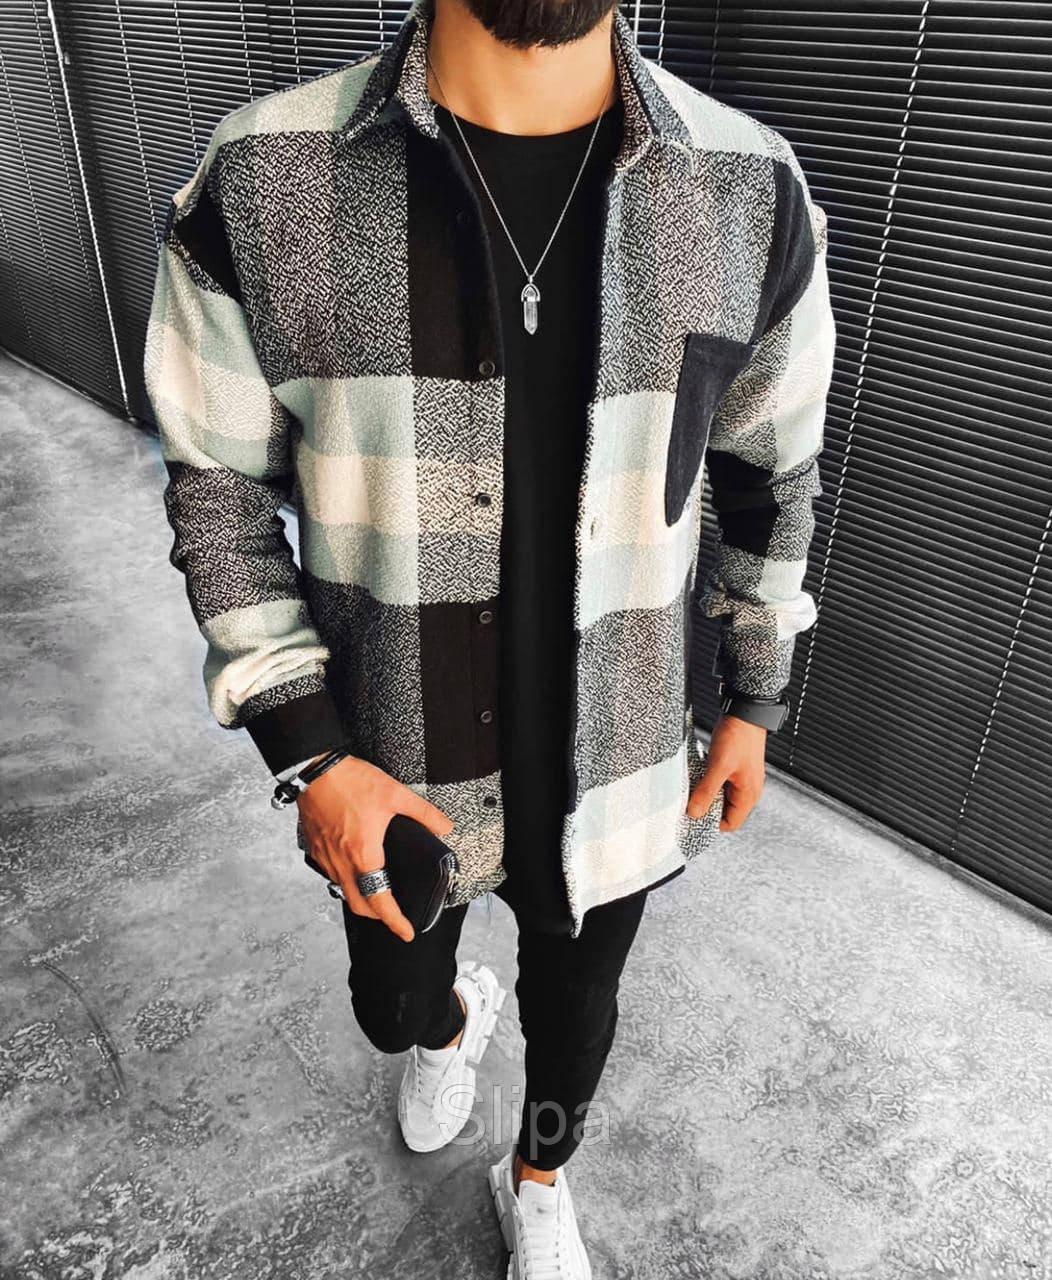 Мужская стильная байковая рубашка оверсайз, белая с чёрным ( Турция )